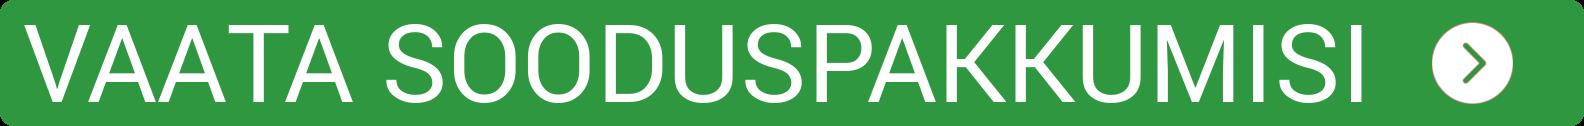 vaata sooduspakkumisi_green_1